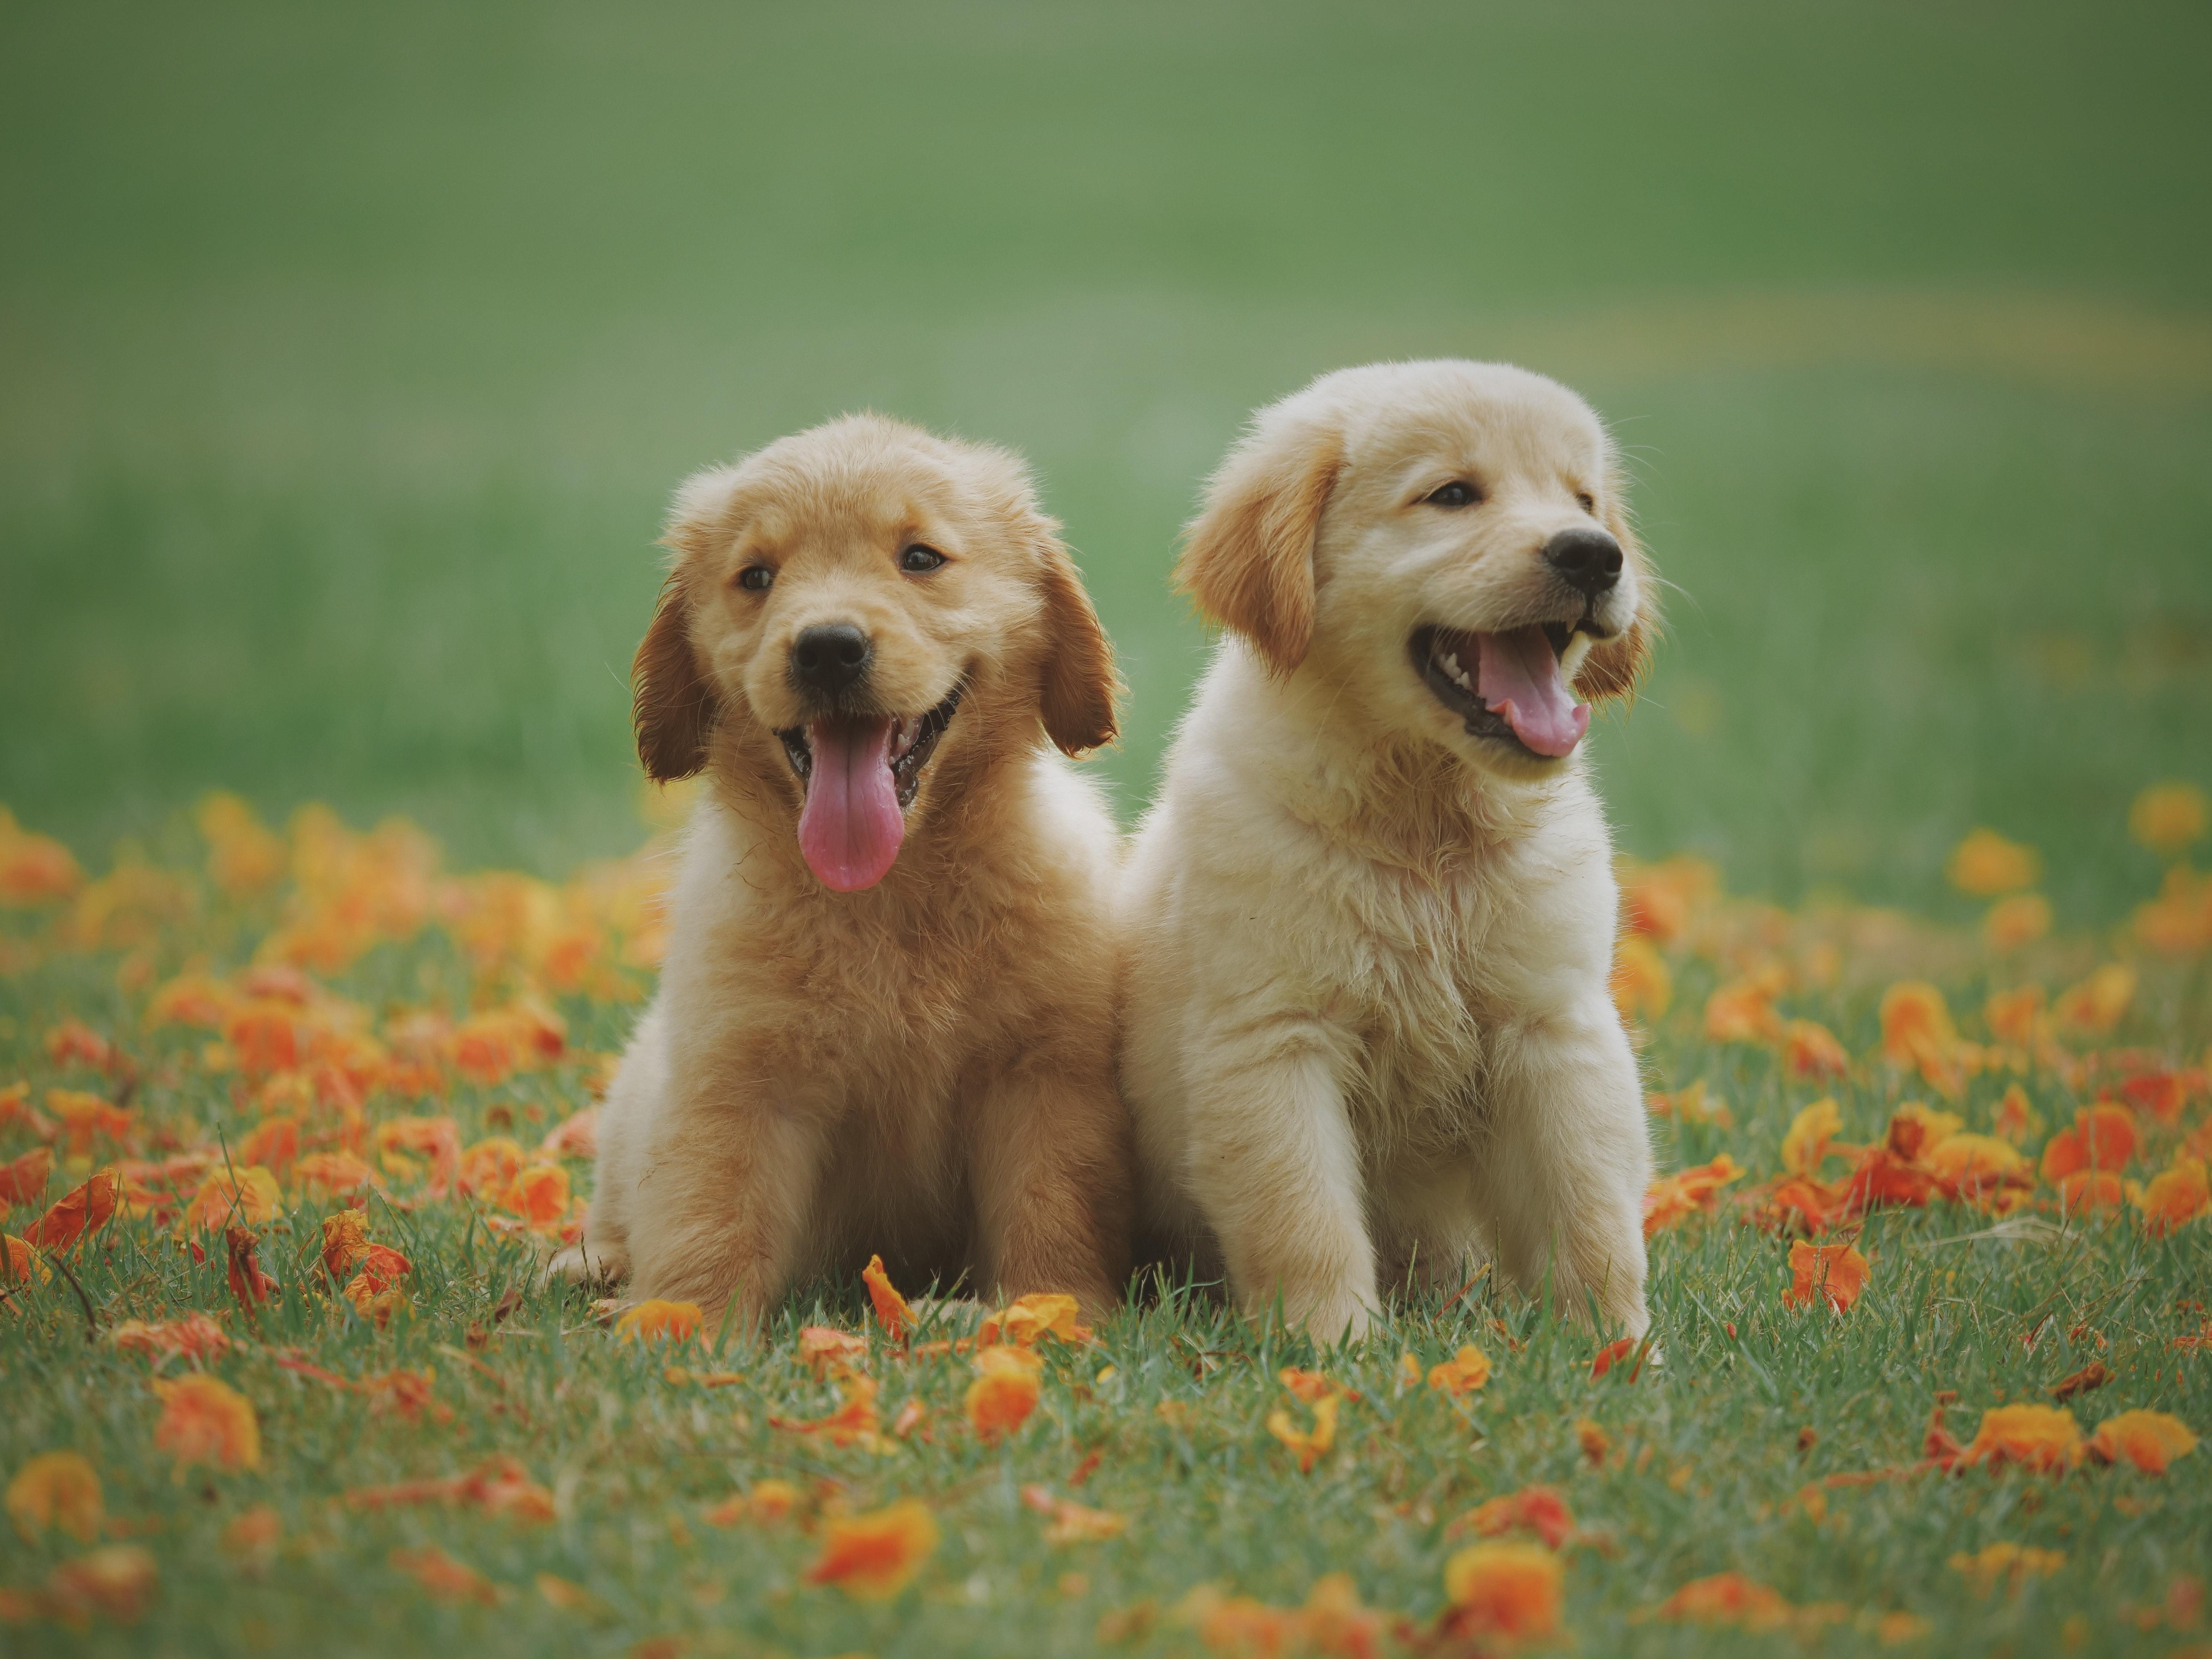 Two Yellow Labrador Retriever Puppies · Free Stock Photo